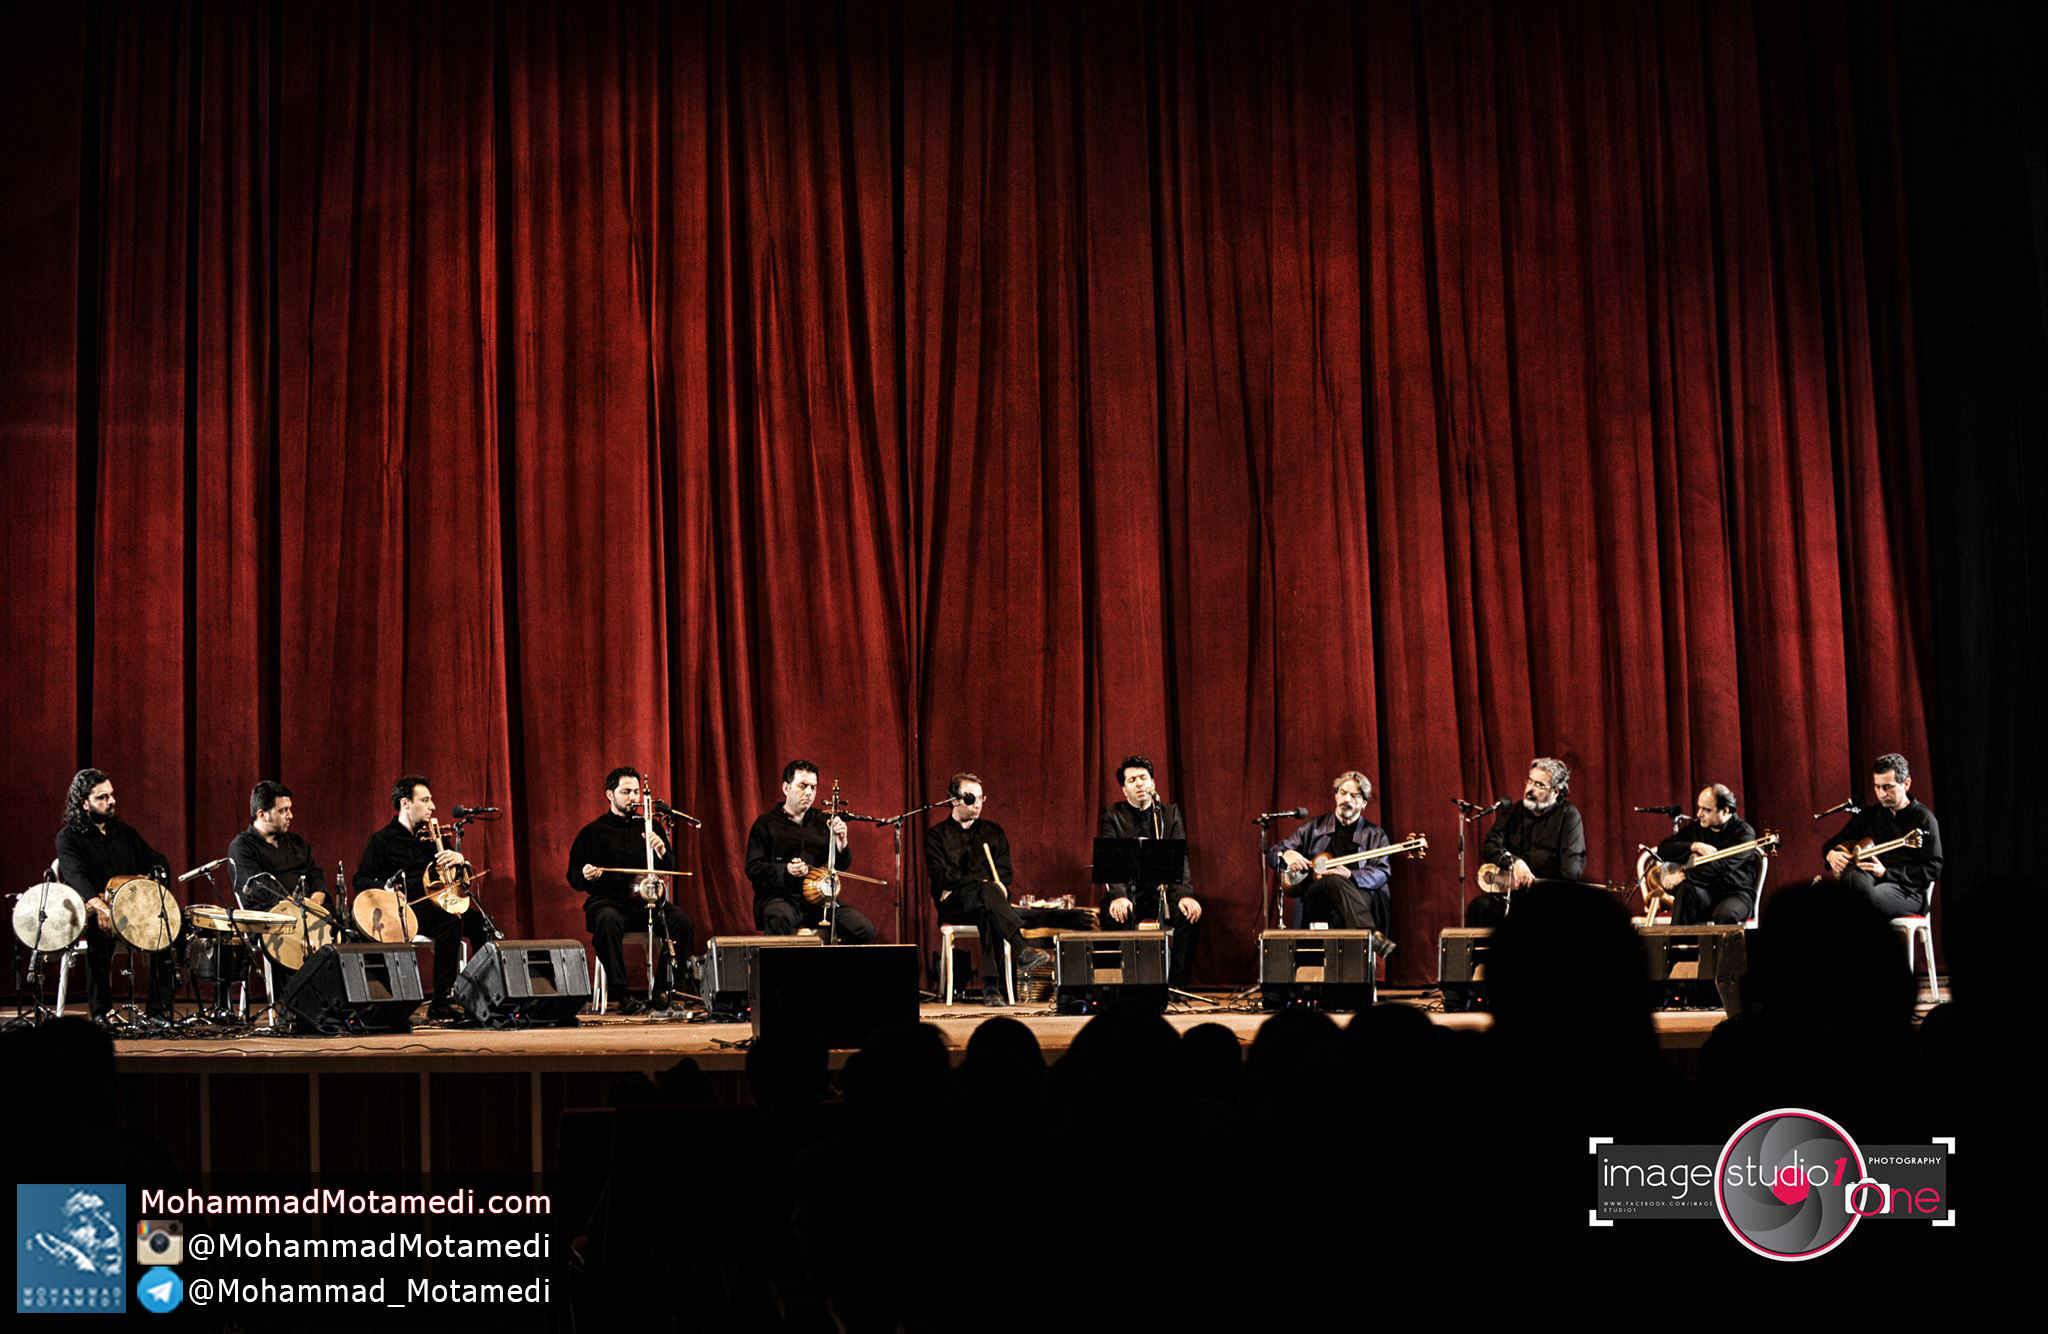 هم آوایان - اصفهان - محمد معتمدی